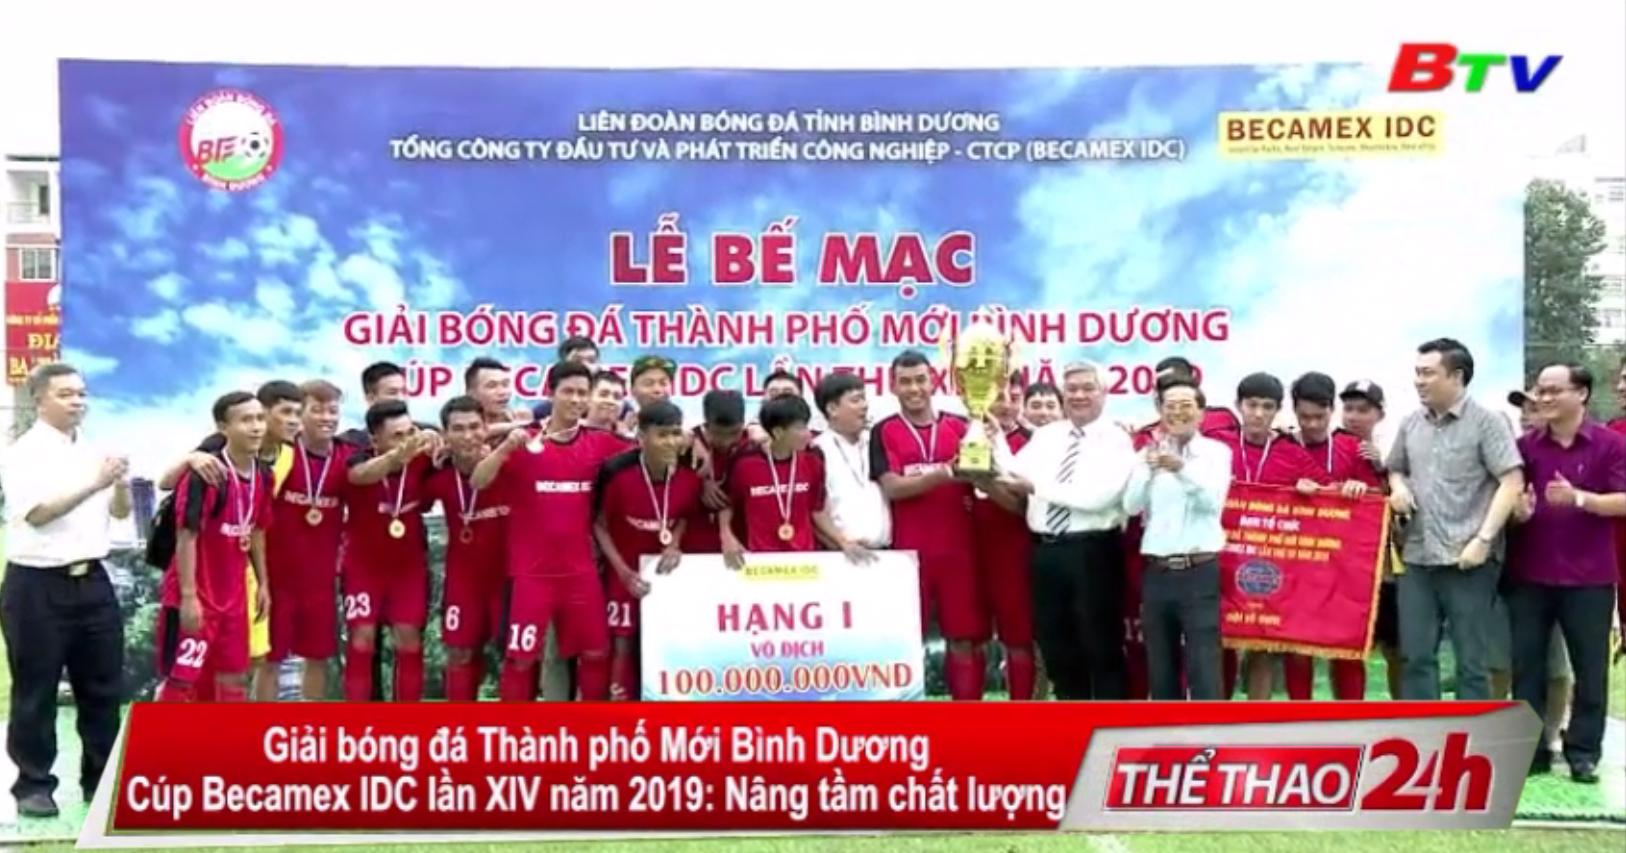 Giải bóng đá thành phố mới Bình Dương cúp Becamex IDC năm 2019 - Nâng tầm chất lượng